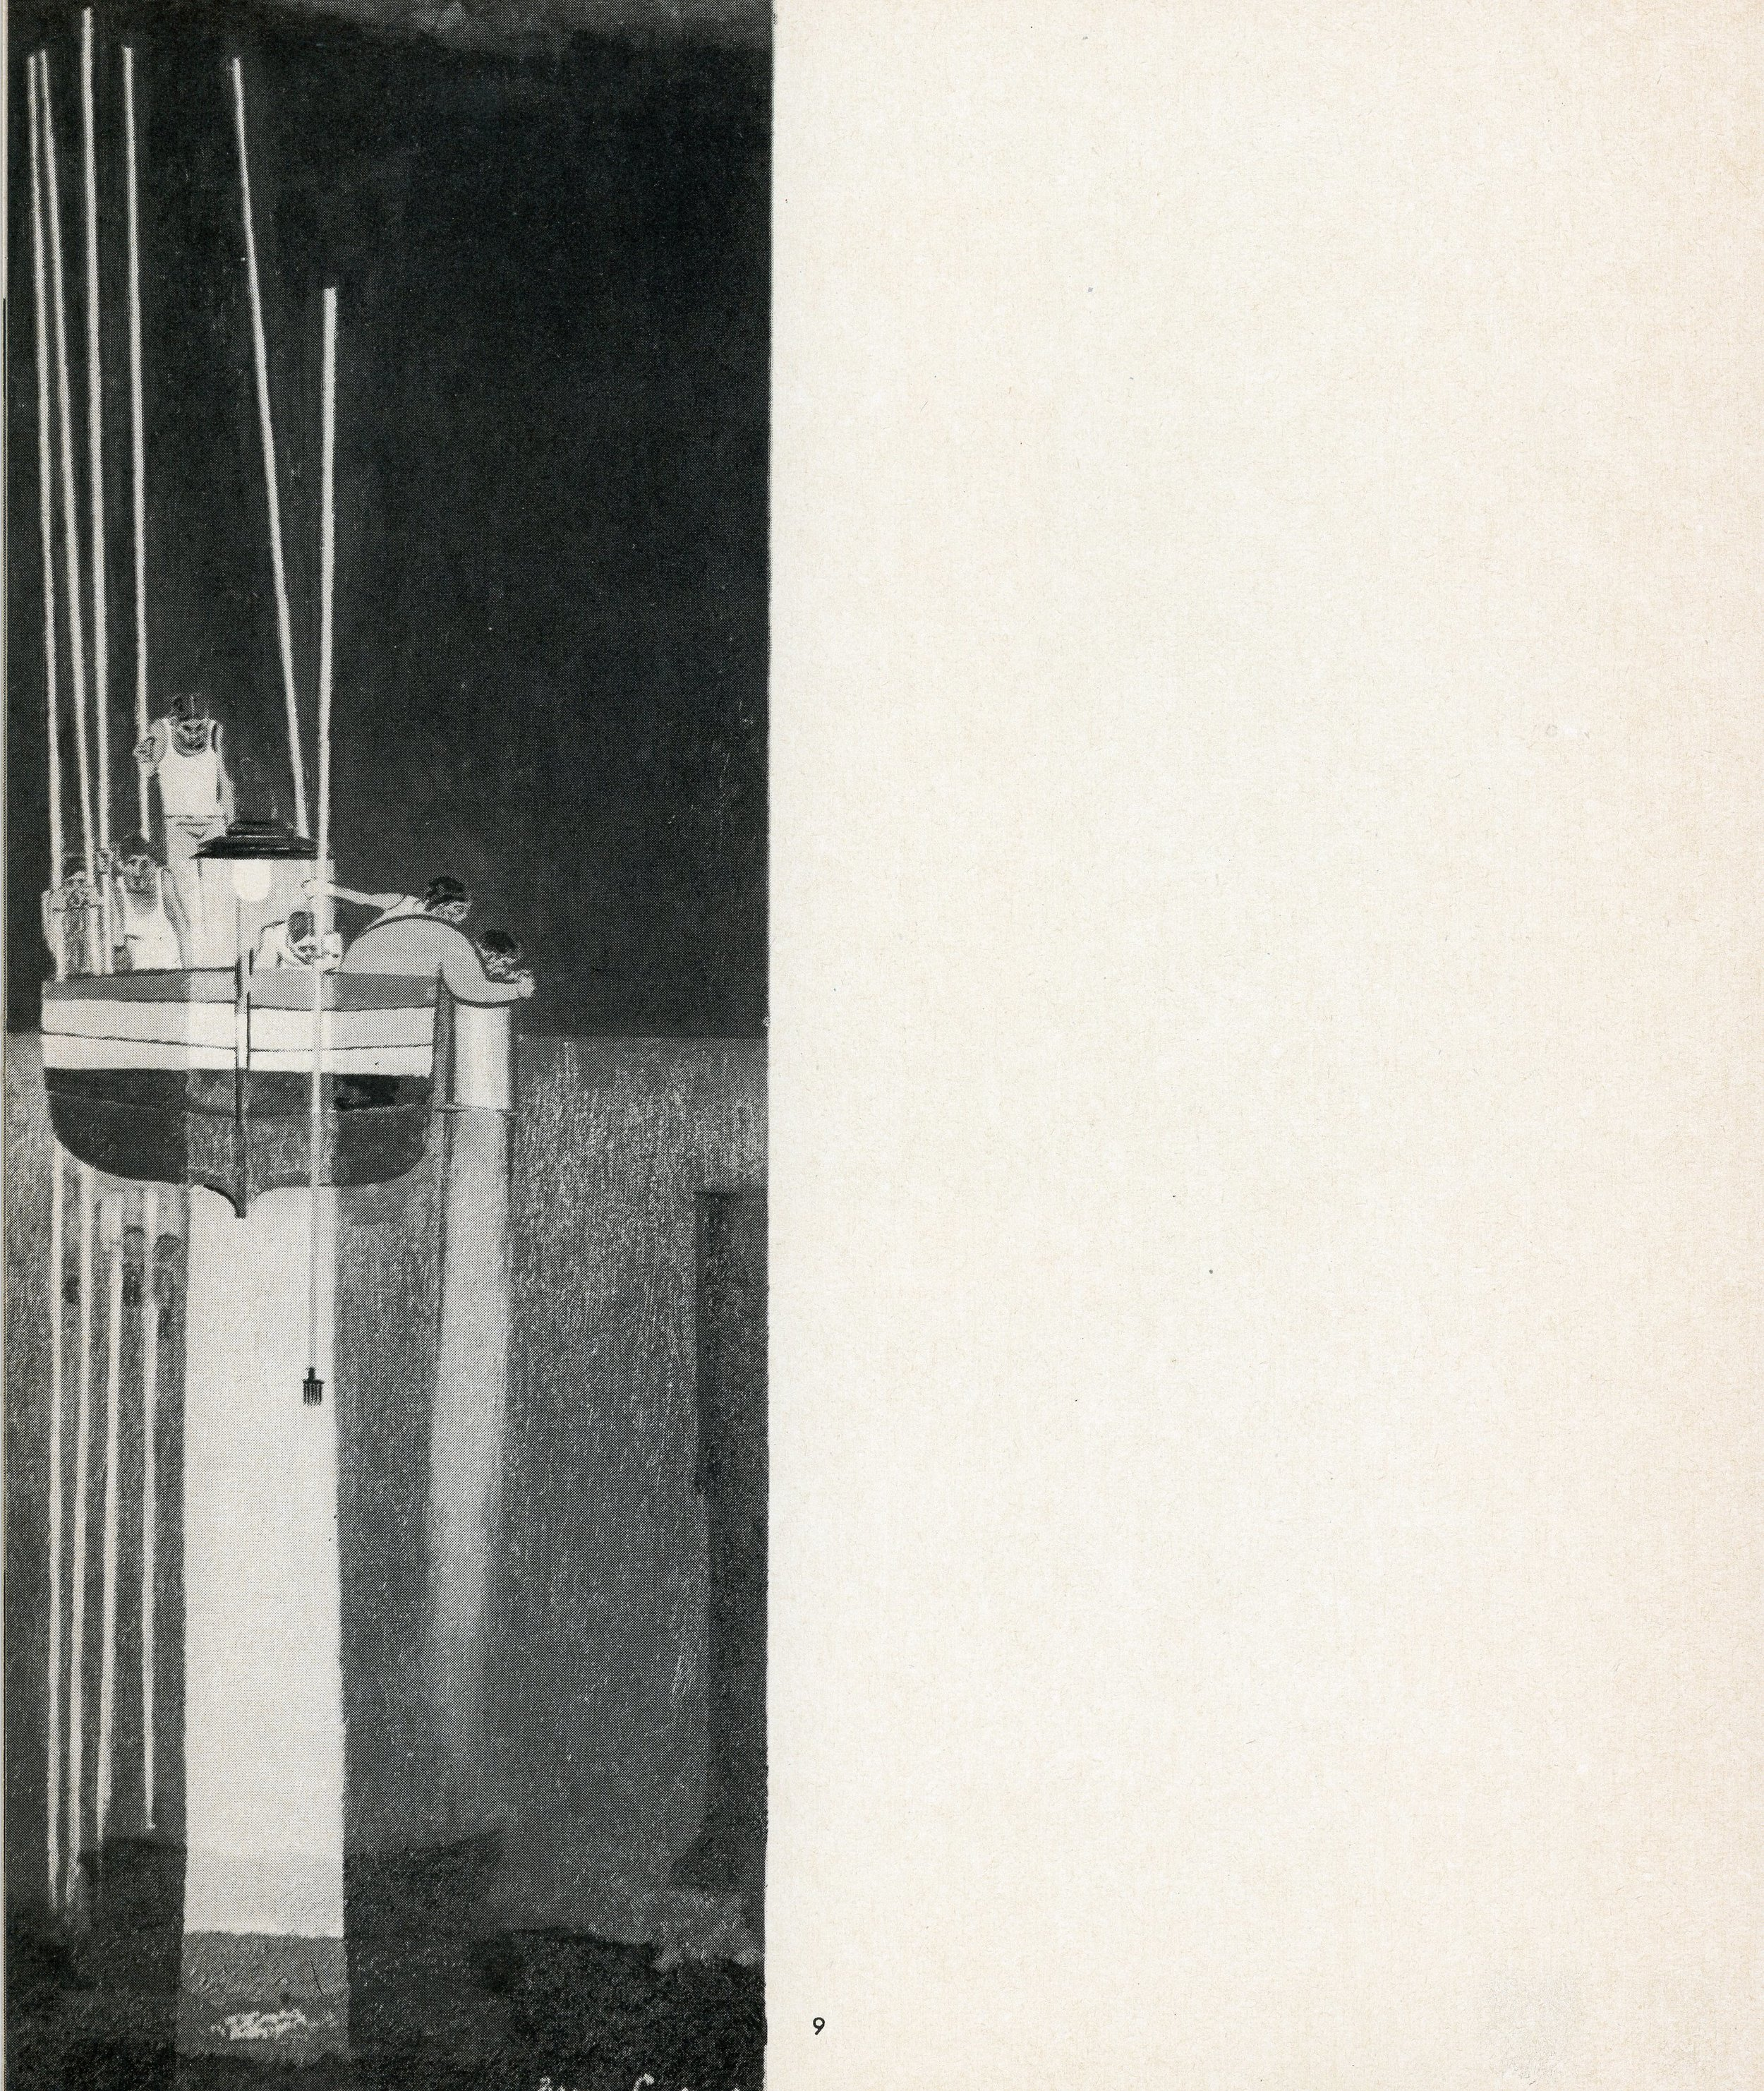 1959-06 Rive Gauche - Bruno Caruso_10.jpg